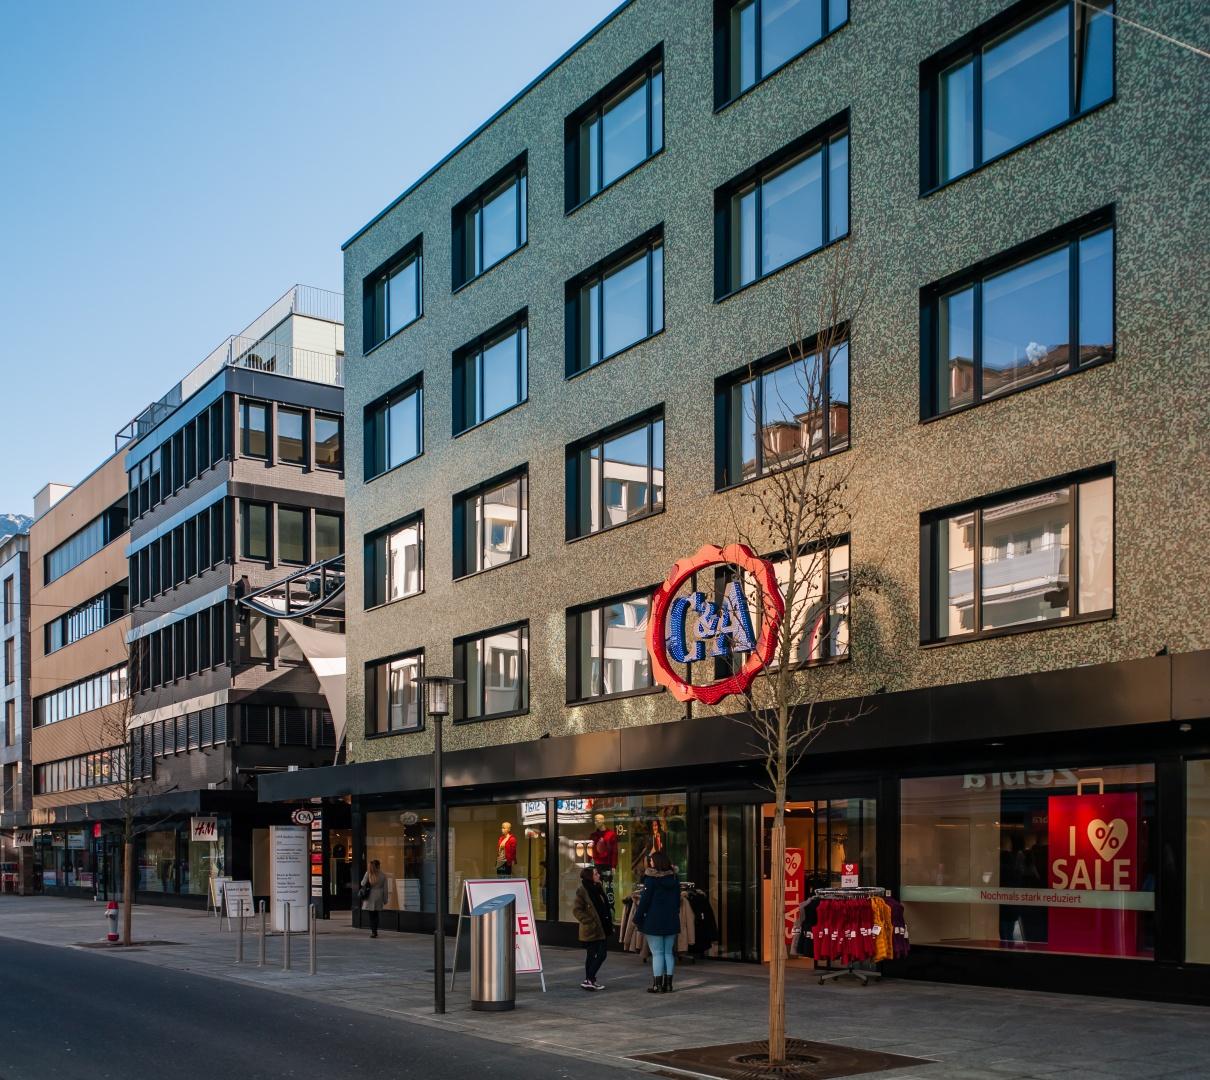 Bahnhofstrasse Tag © Bernd Göllnitz, BLGB Bildgestaltung